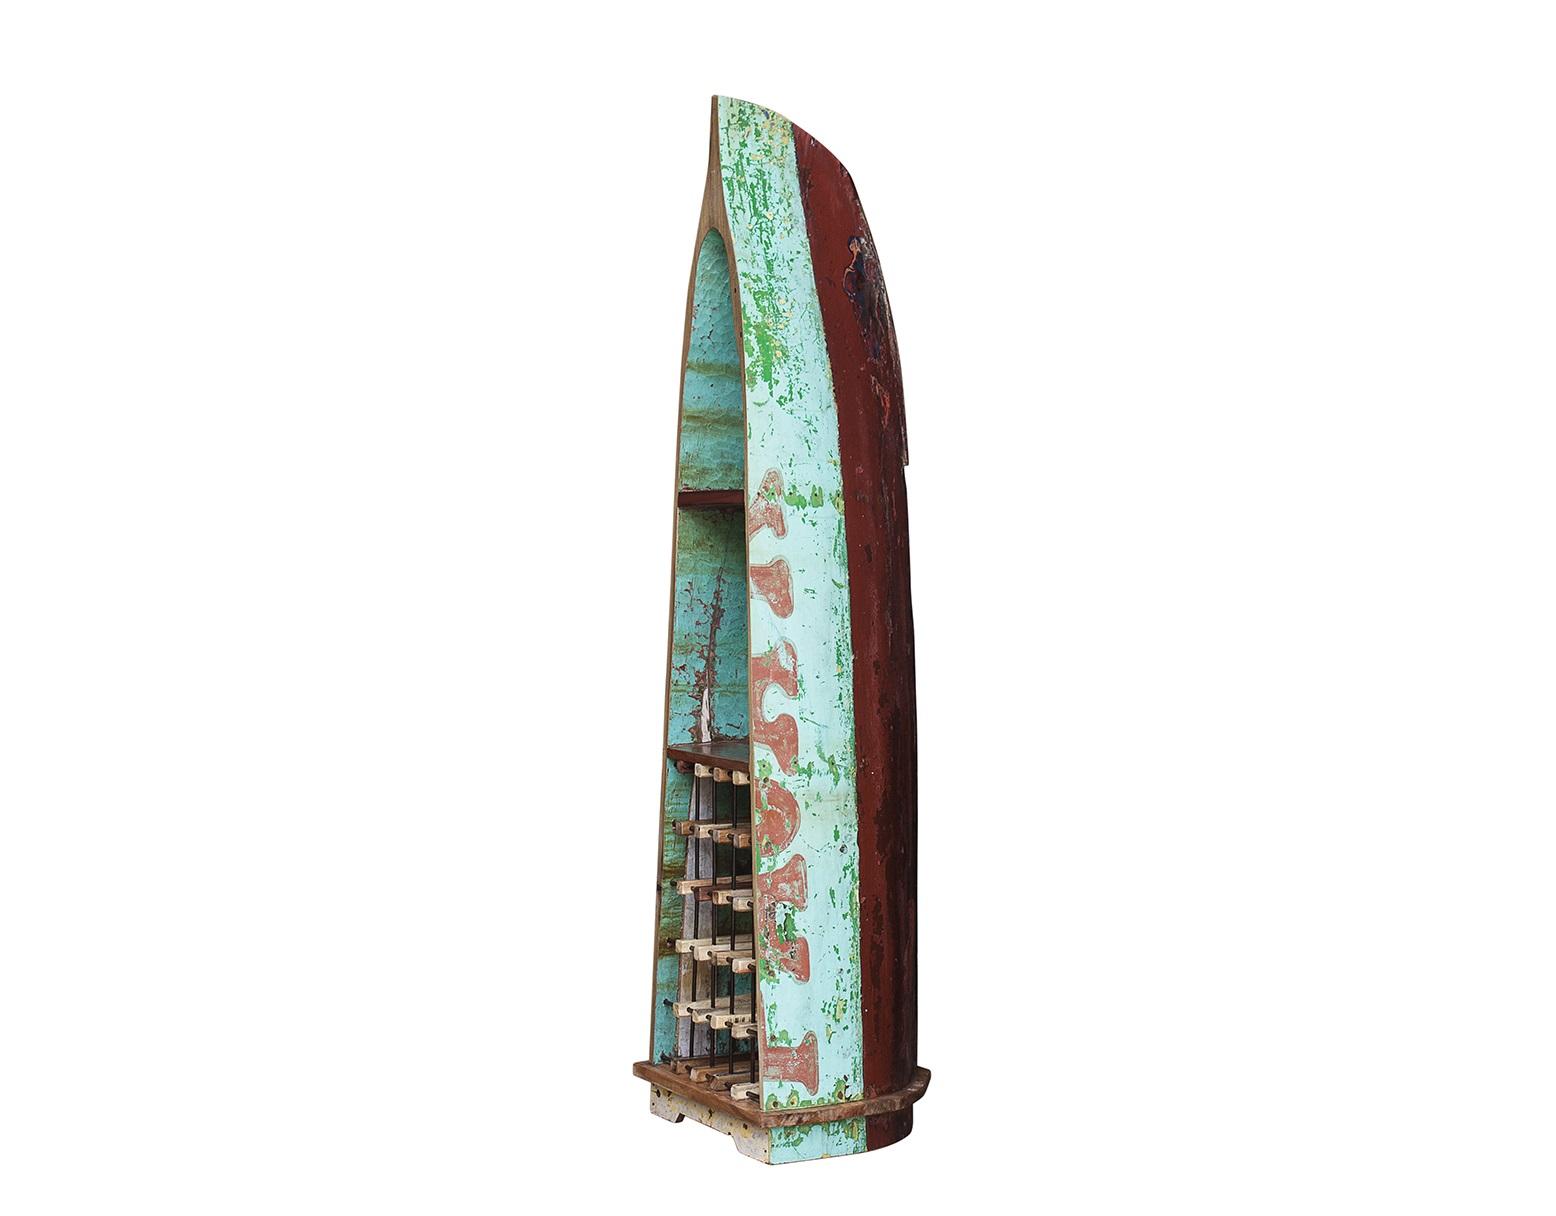 Винный шкаф МагелланВинные шкафы<br>Винный шкаф, выполненный из старой рыбацкой лодки классической правильной формы с сохранением оригинальной многослойной окраски.<br>Хранит до 15 бутылок. <br>Подходит для использования как внутри помещения, так и снаружи. <br>Сборка не требуется. <br>Покрытие: шеллак <br>Материал: массив тика (махогони, суара)<br><br>Material: Тик<br>Ширина см: 53.0<br>Высота см: 219.0<br>Глубина см: 59.0